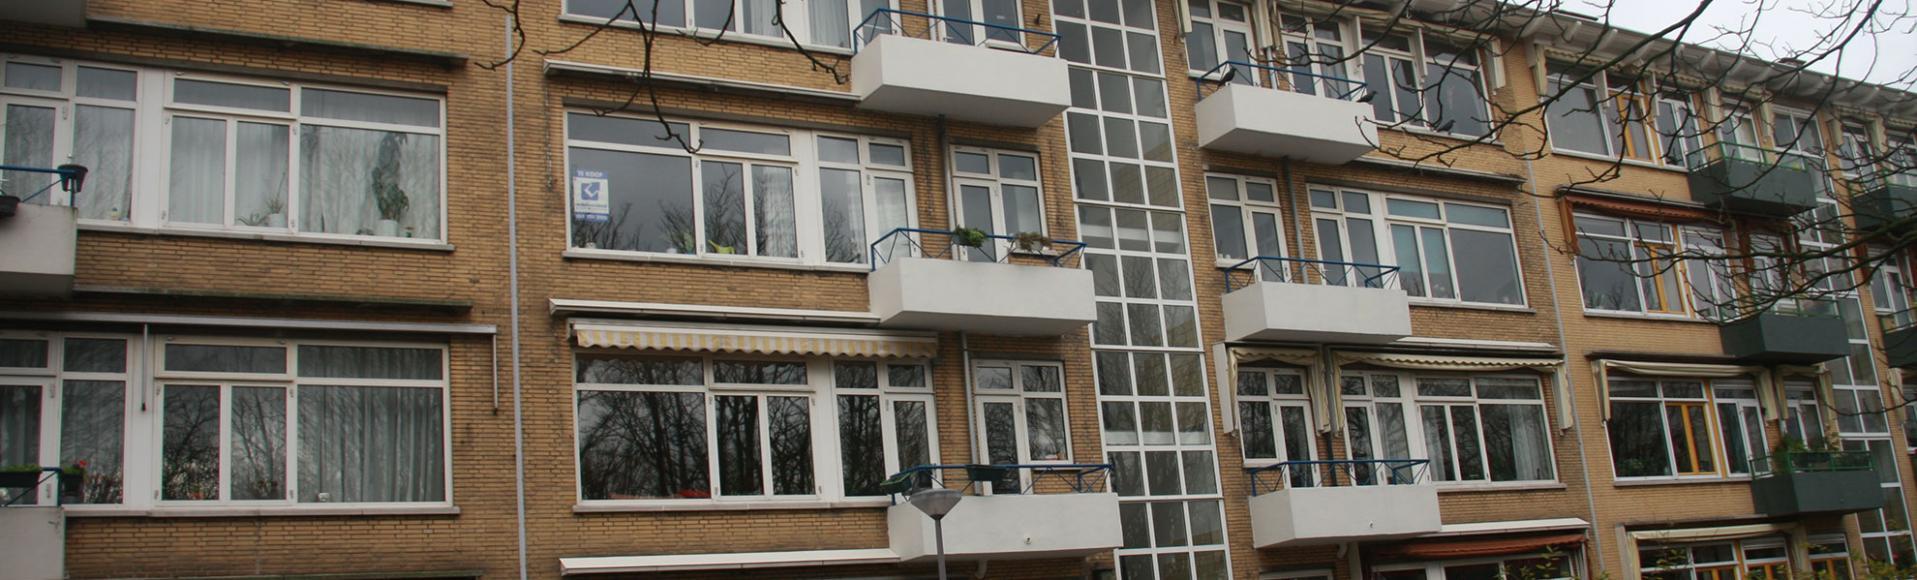 Rotterdam: Renovatie voorgevel woningen